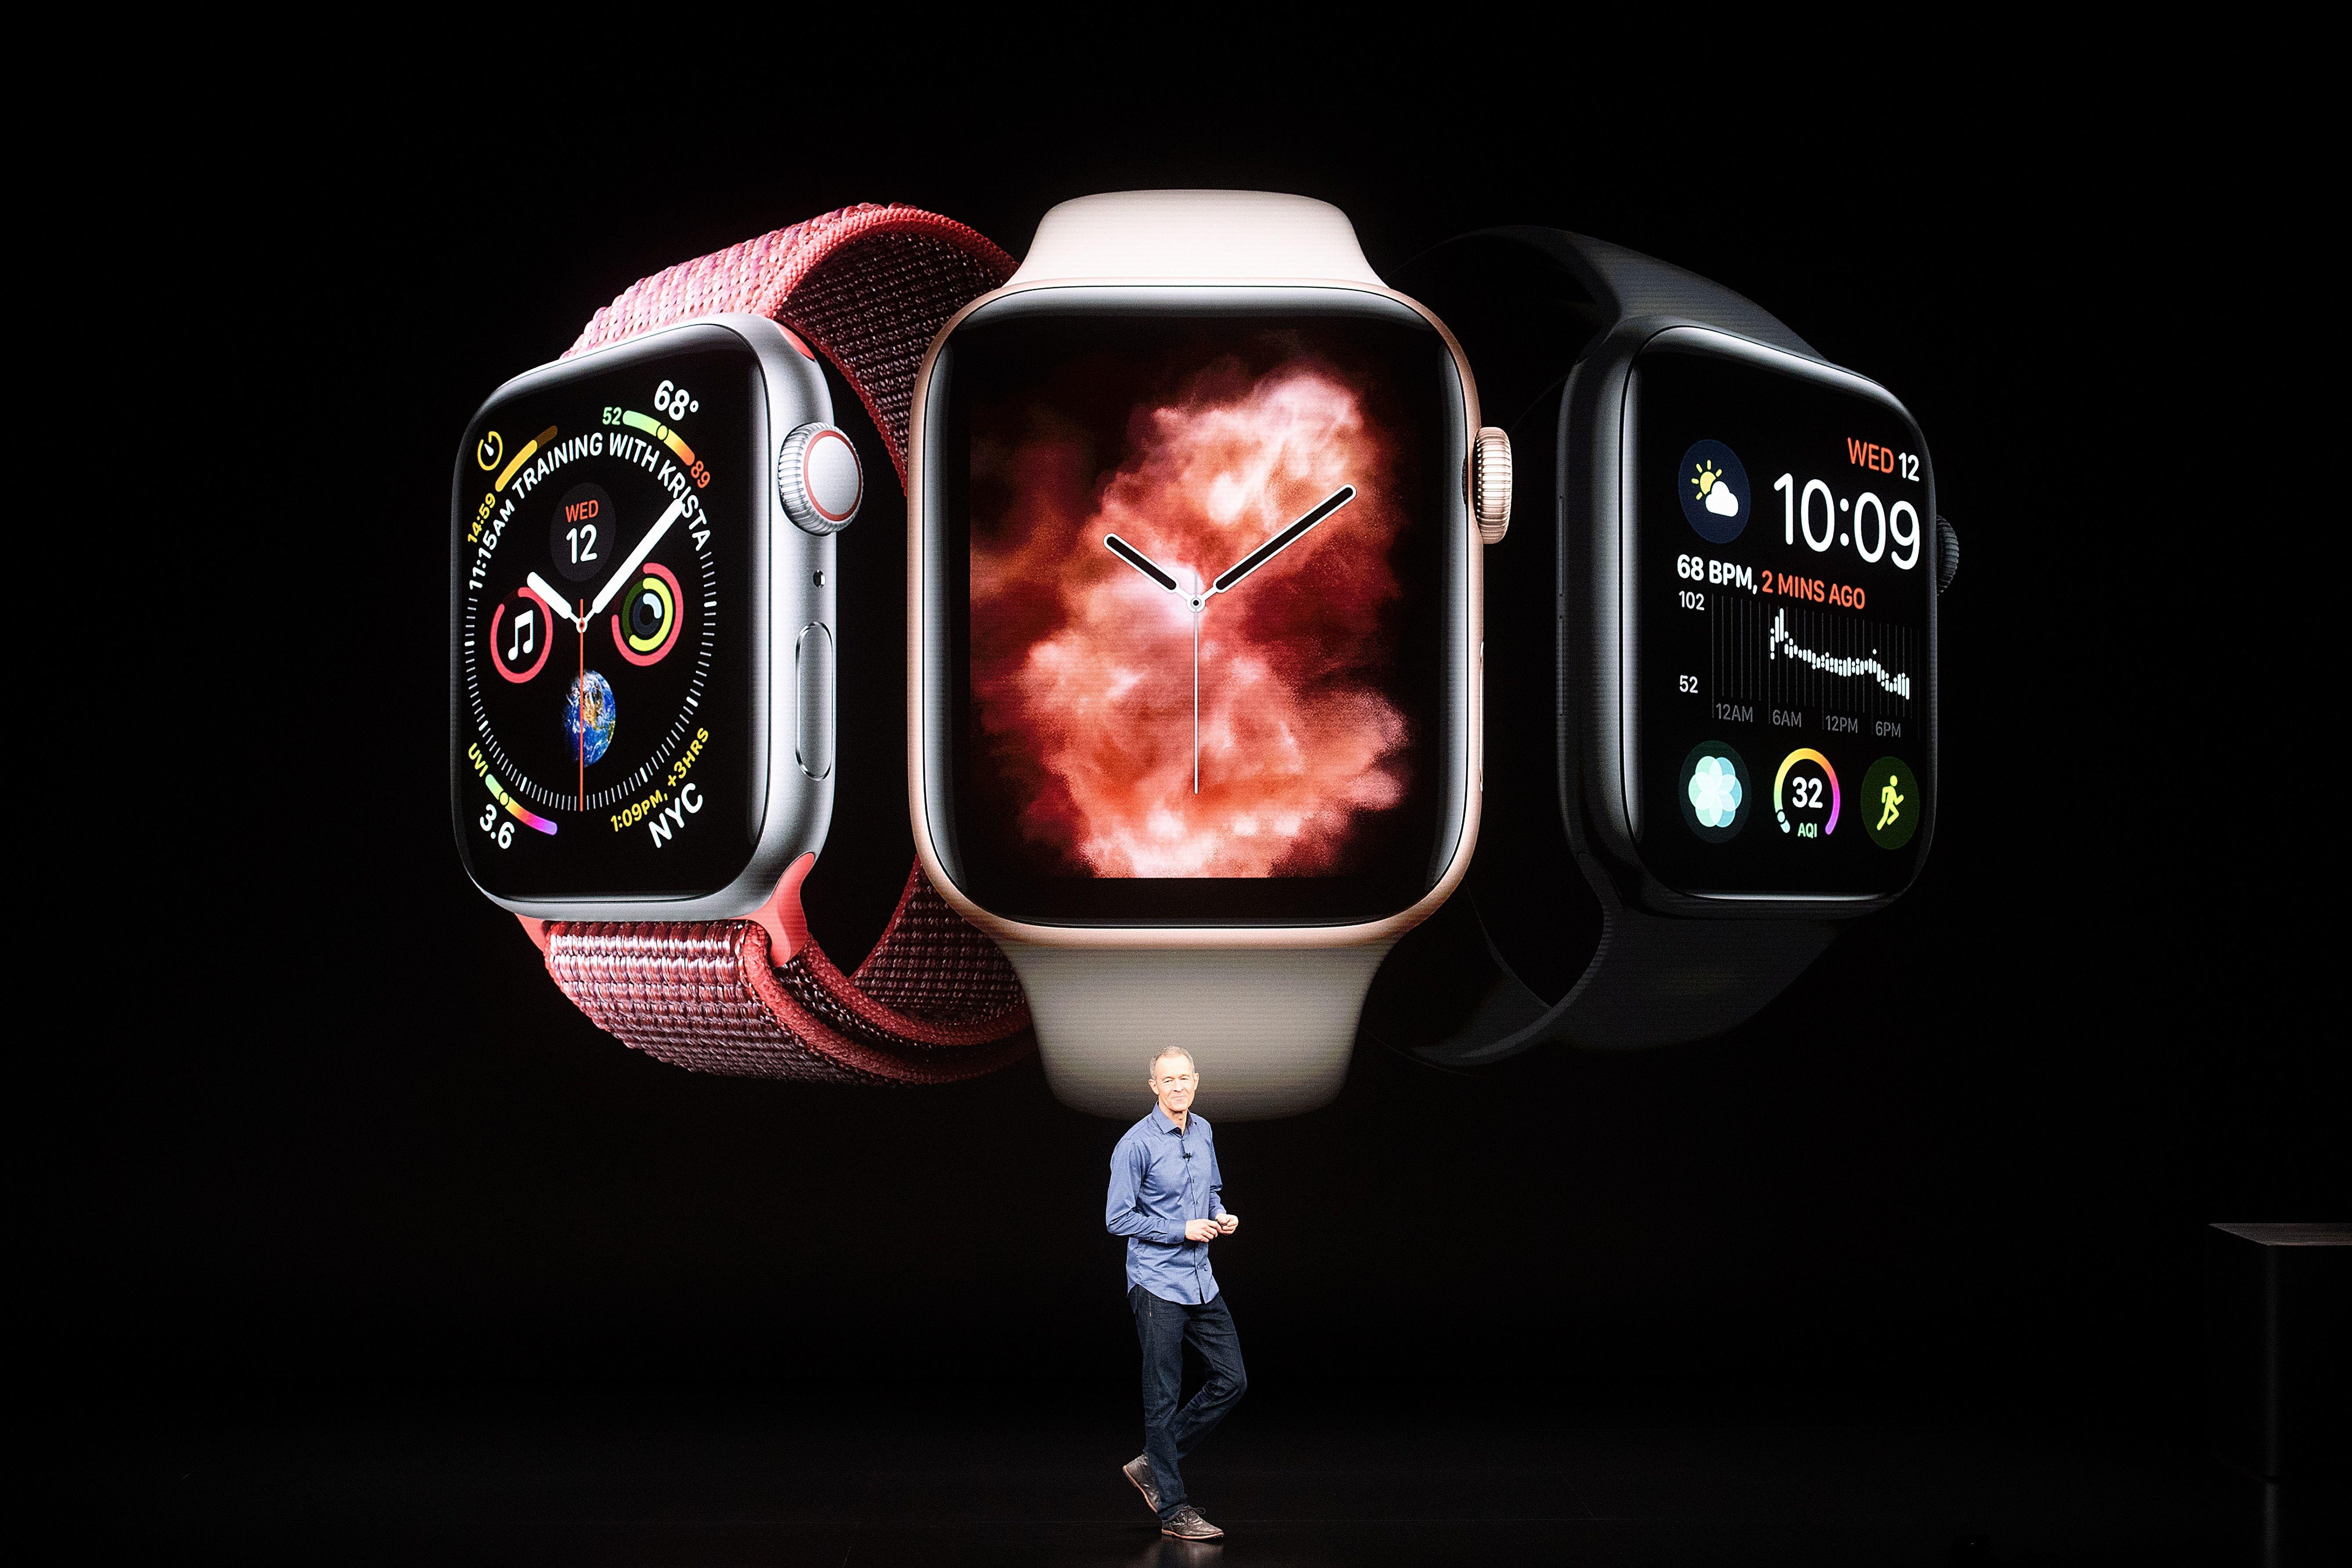 애플워치 시리즈4의 가장 큰 변화는 '크기'가 아니다